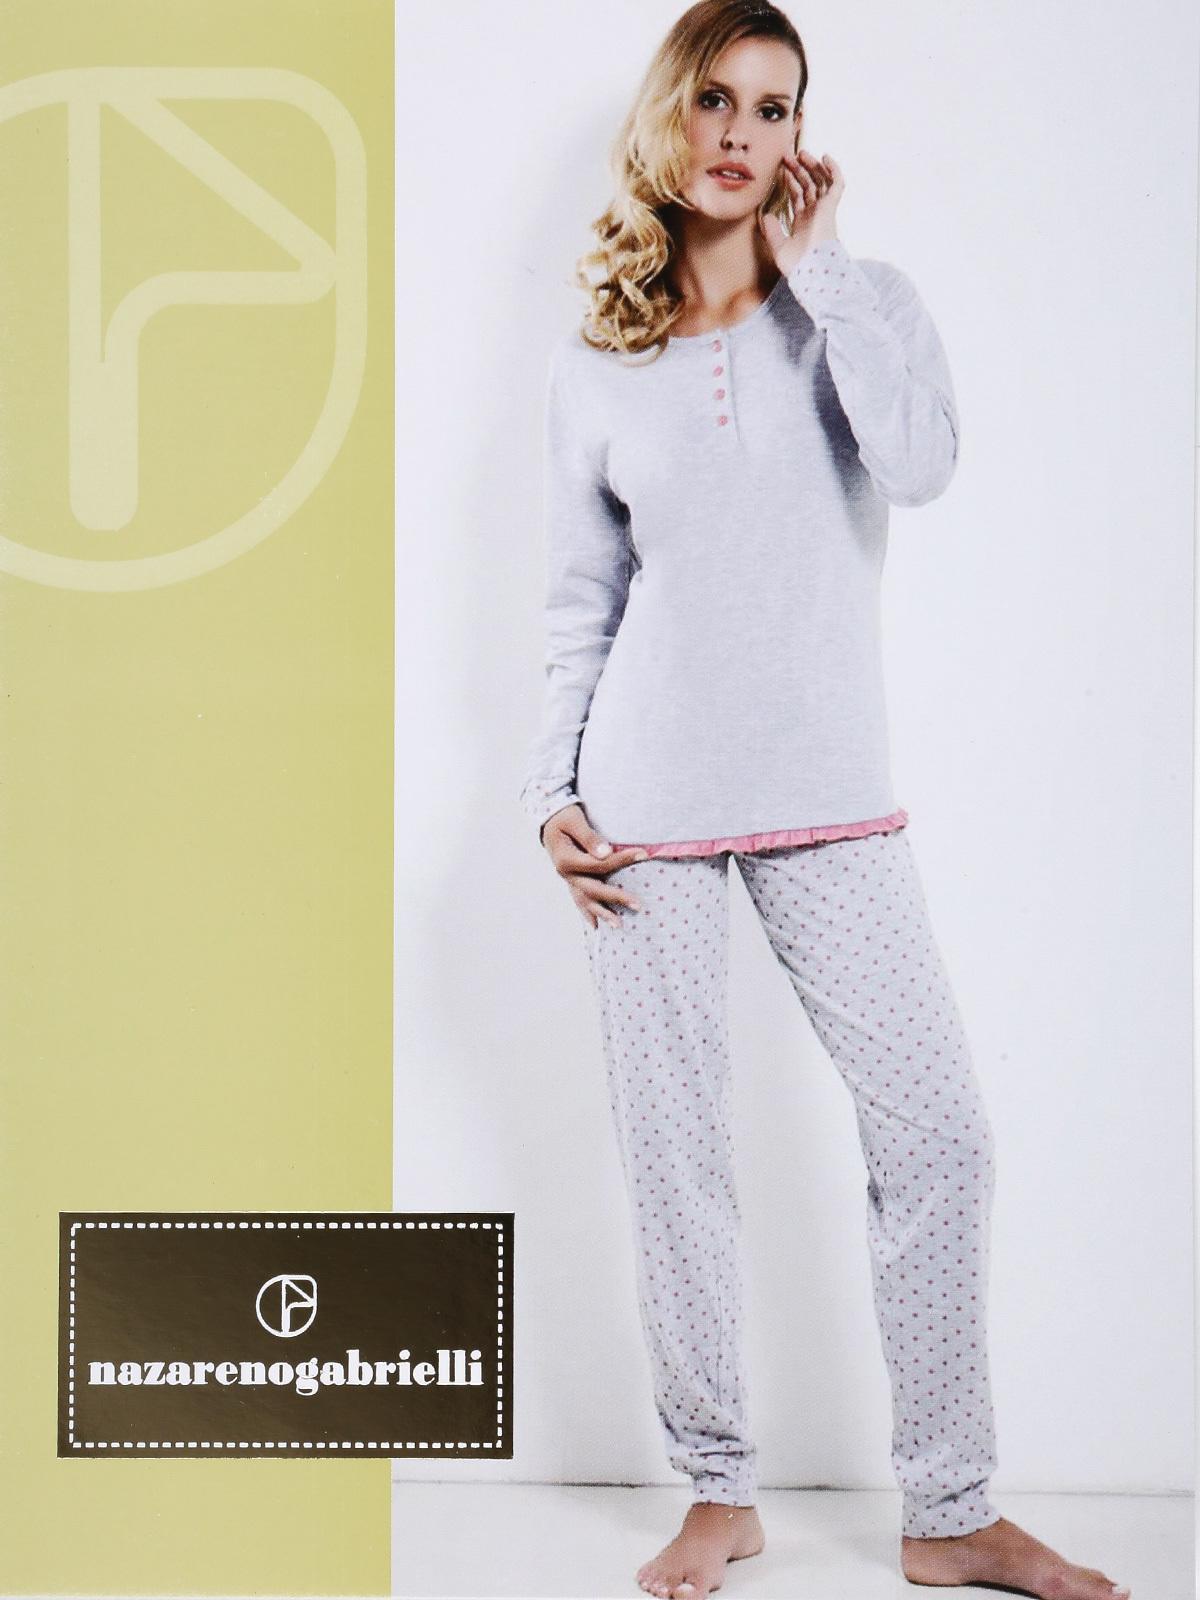 design senza tempo 3472c 5266d Pigiama lungo con pantaloni a pois nazareno gabrielli ...